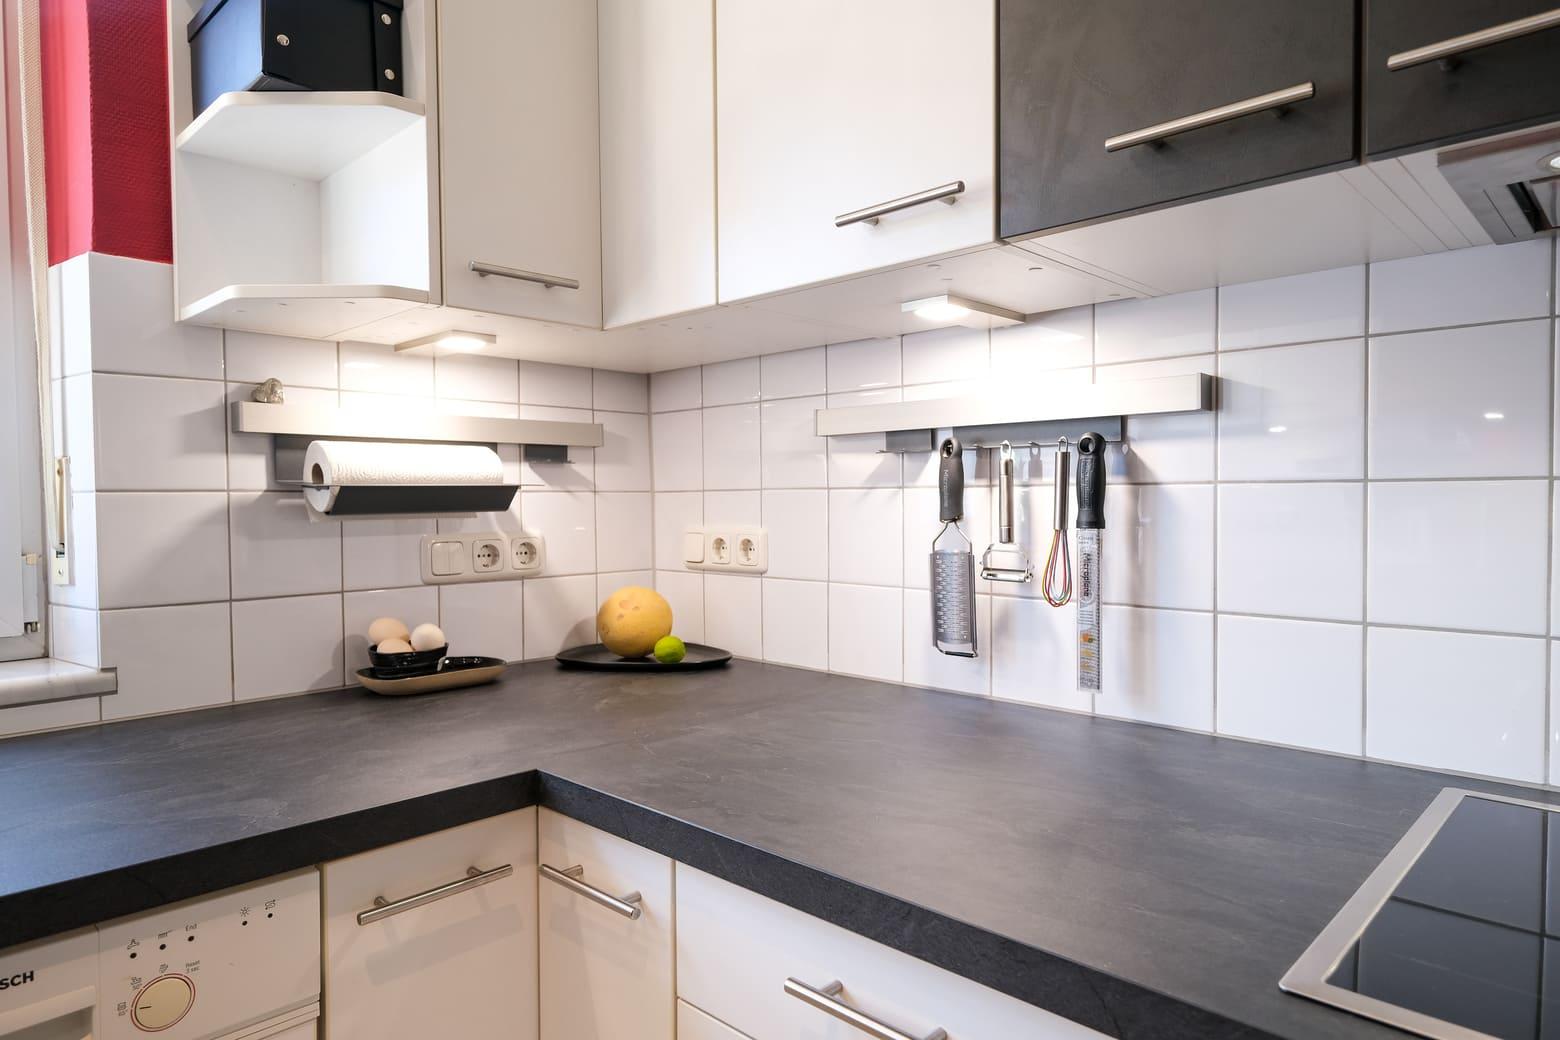 Küchentrends 2020: Küchenbeleuchtung